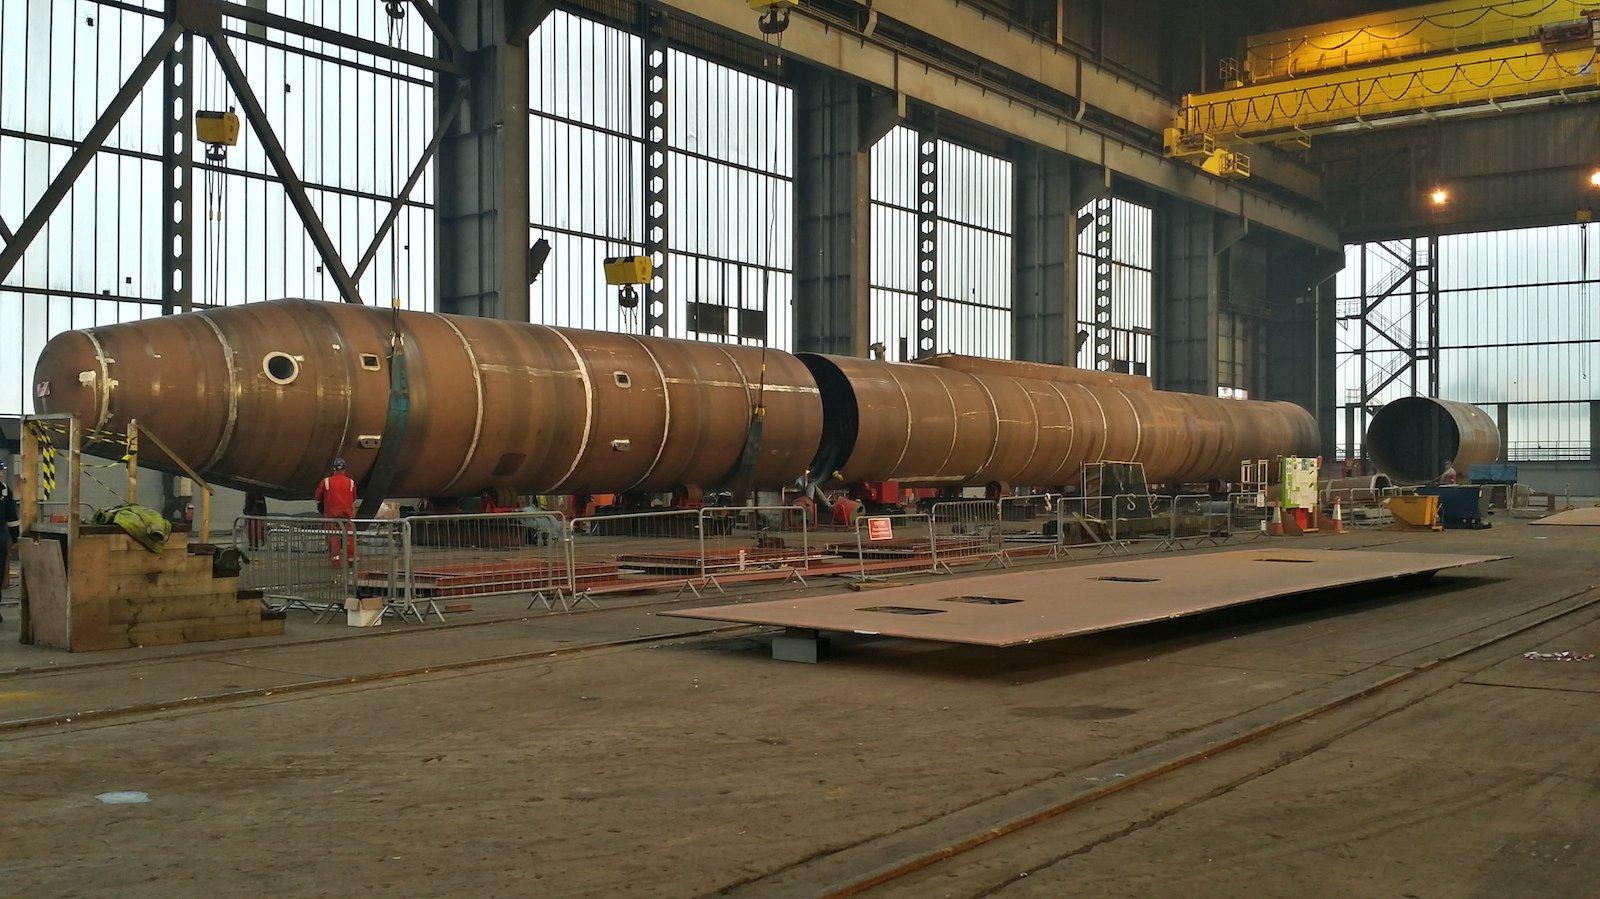 Stahlarbeiten amweltgrößten schwimmenden Gezeitenkraftwerk SR2000.